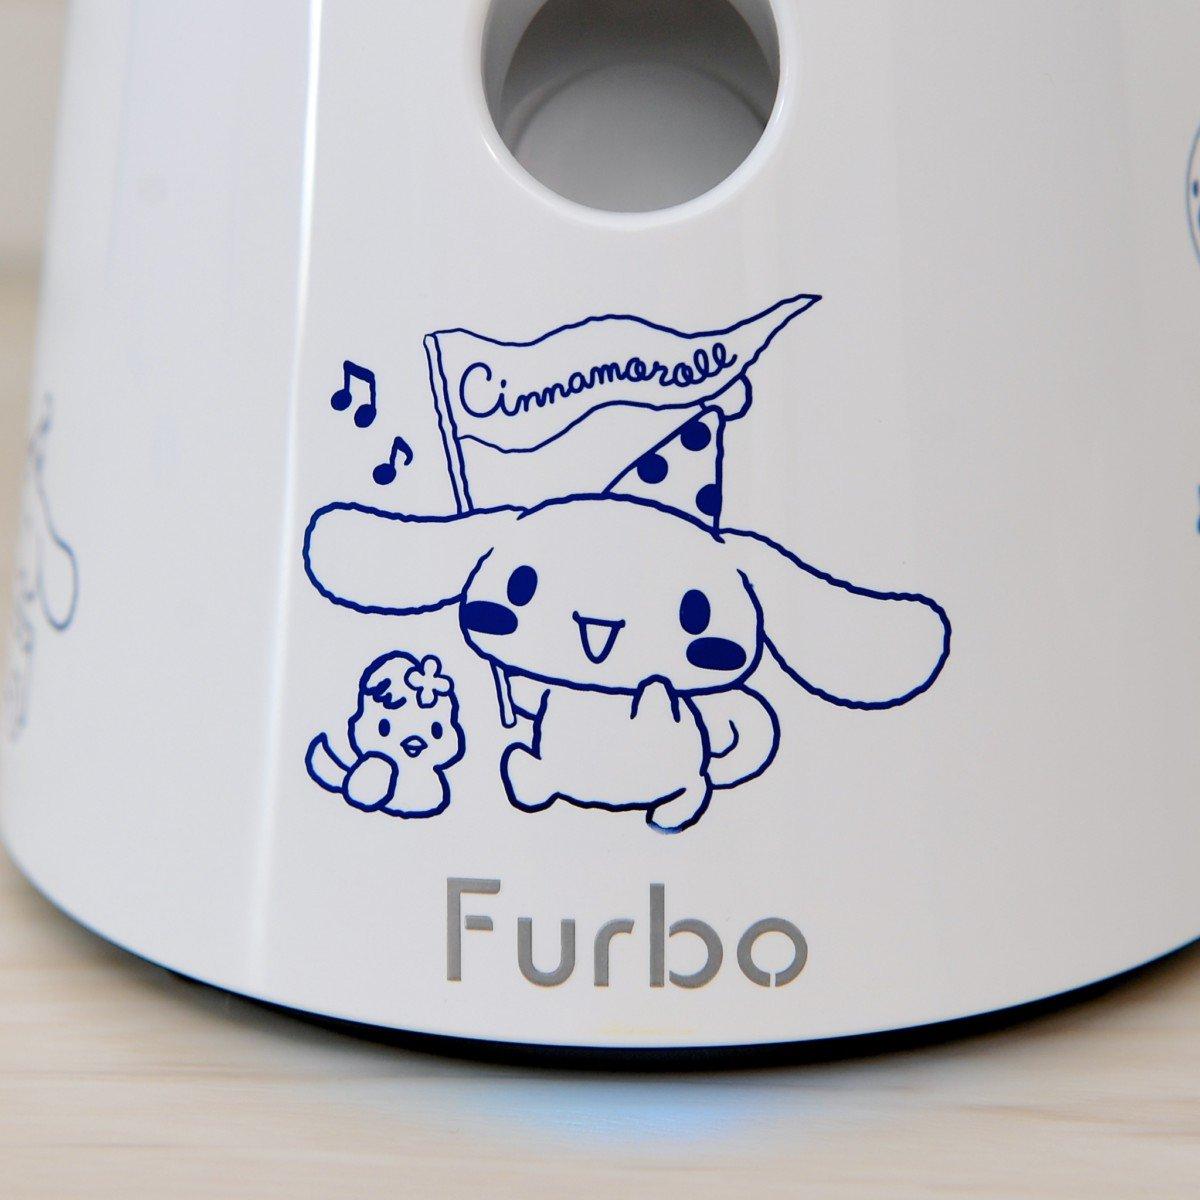 Furboドッグカメラ Cinnamoroll Limited Edition デザインアップ